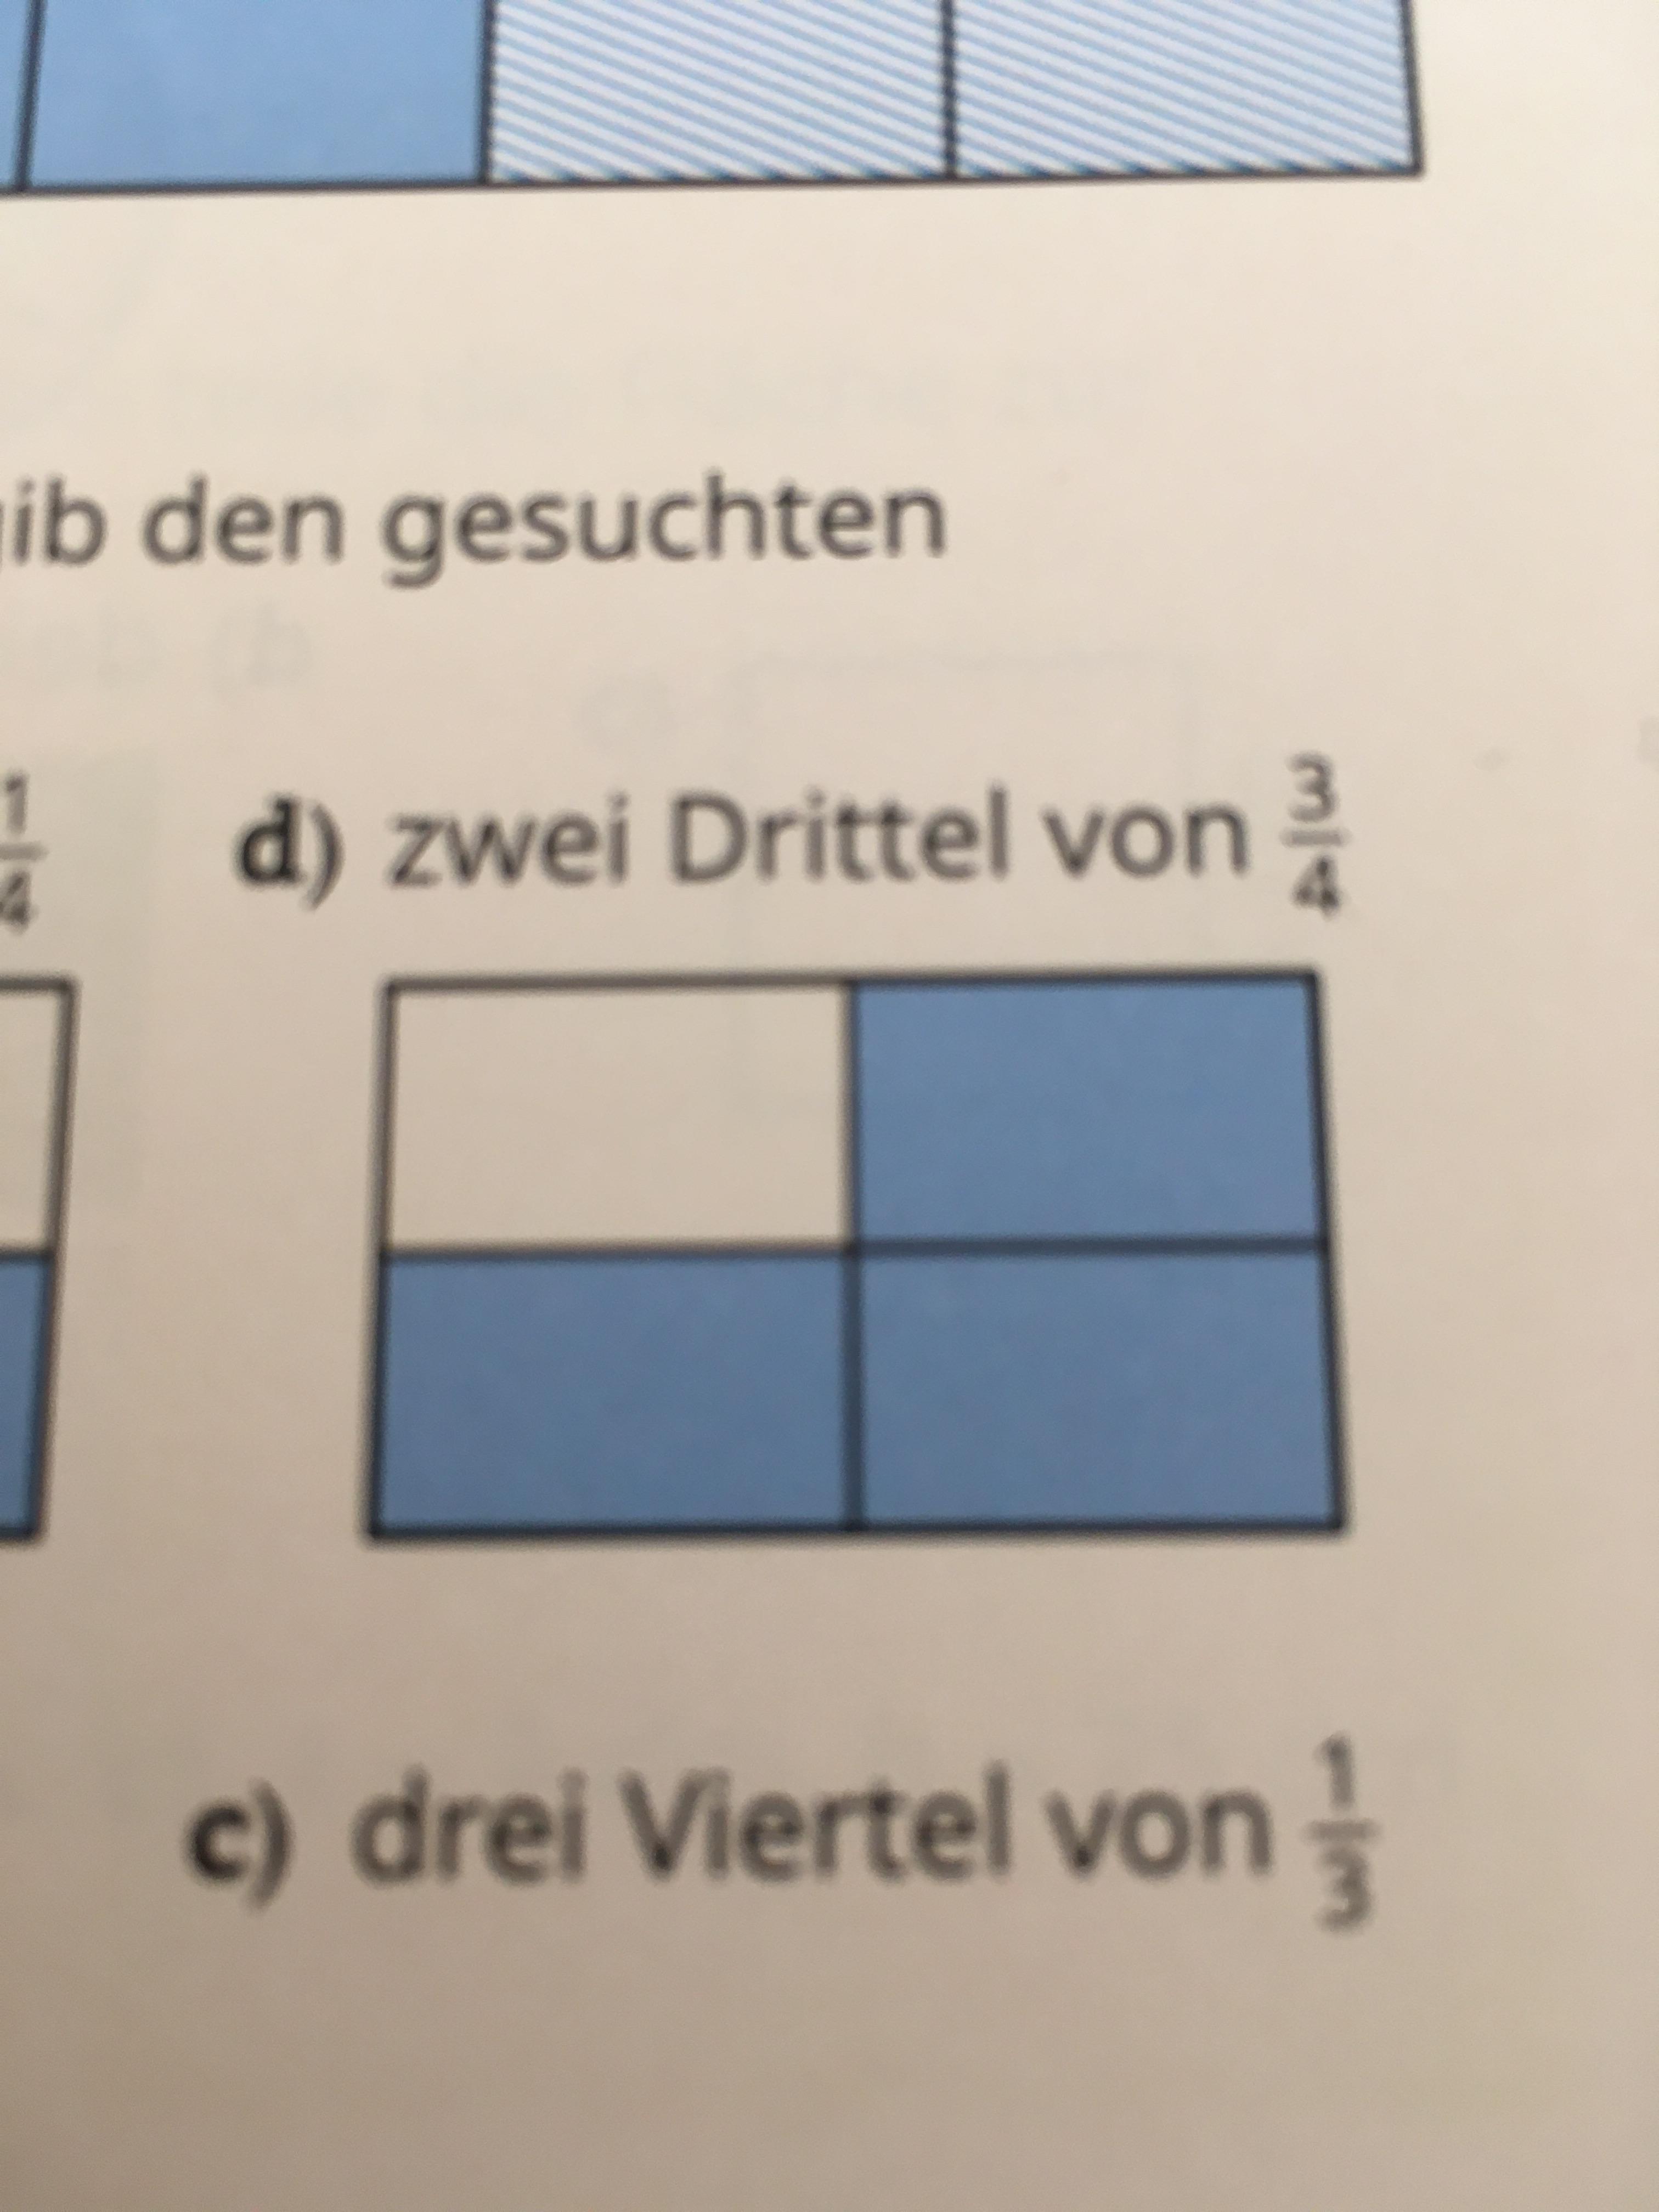 wie viel ist 2 drittel von 3 viertel? (Schule, Mathe